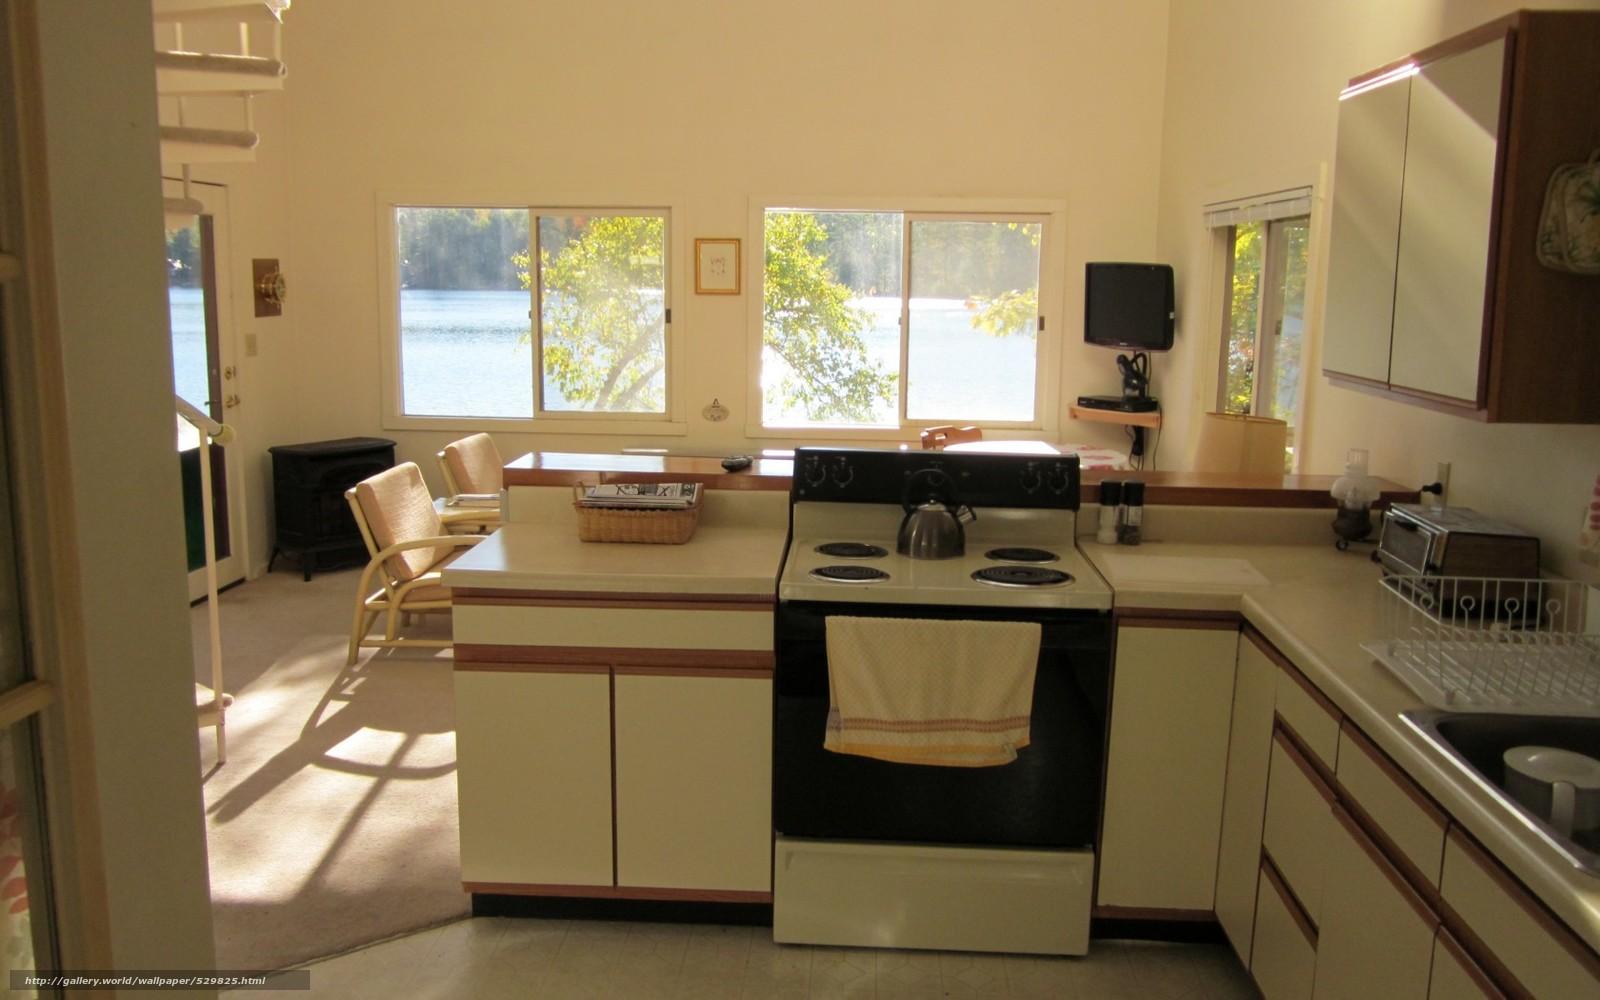 descargar gratis casa diseo interior casa de campo fondos de escritorio en la resolucin x u imagen